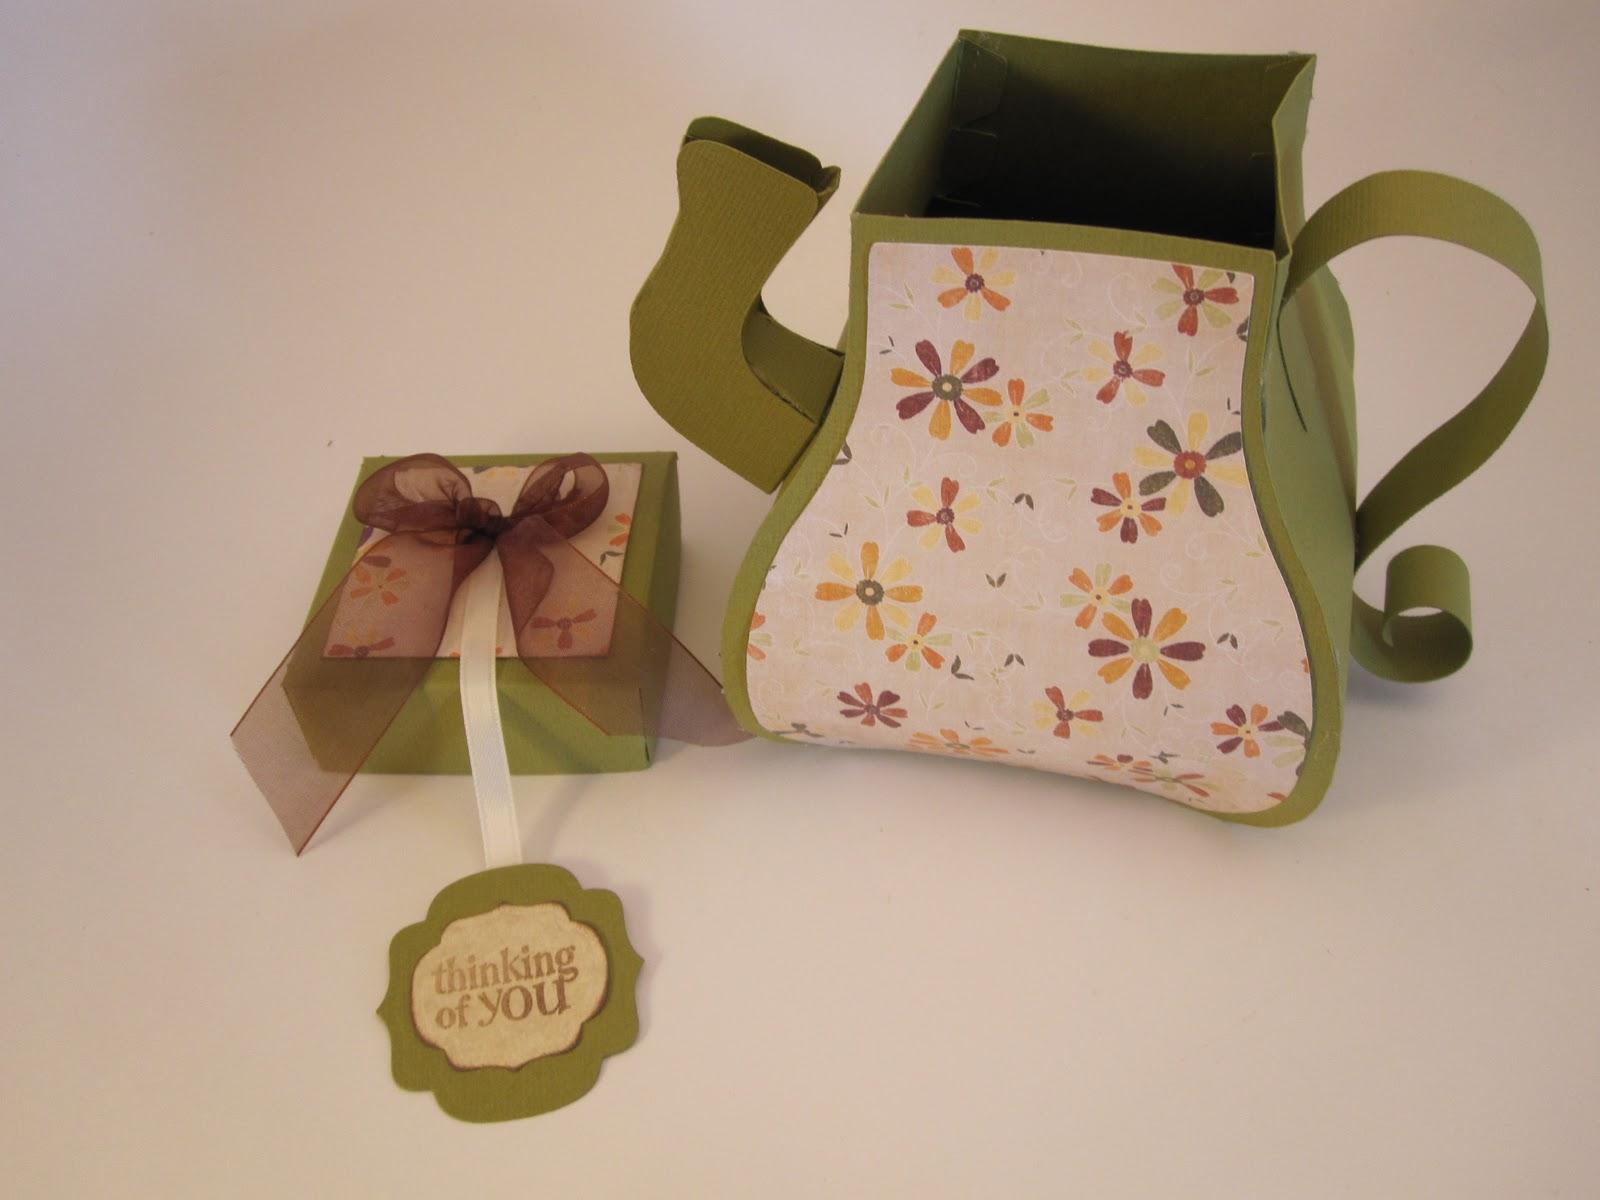 paperpastime teapot gift box. Black Bedroom Furniture Sets. Home Design Ideas